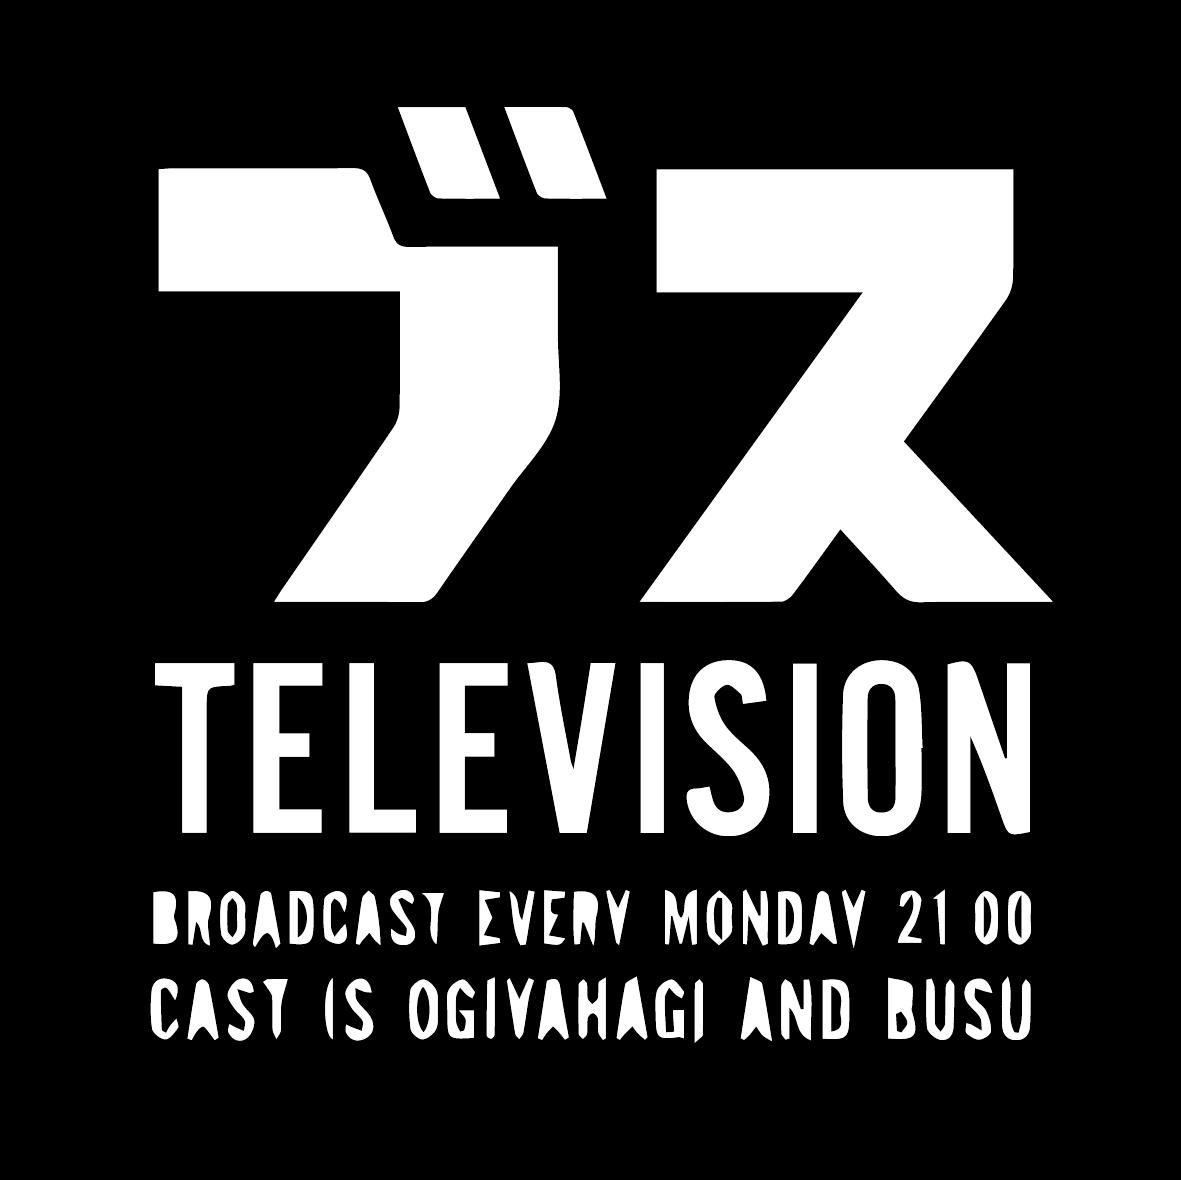 10月1日(月)21:00 O.A. <br>AbemaTV「ブステレビ」2時間SP!ブス合コン24時…夜街に消えた2人